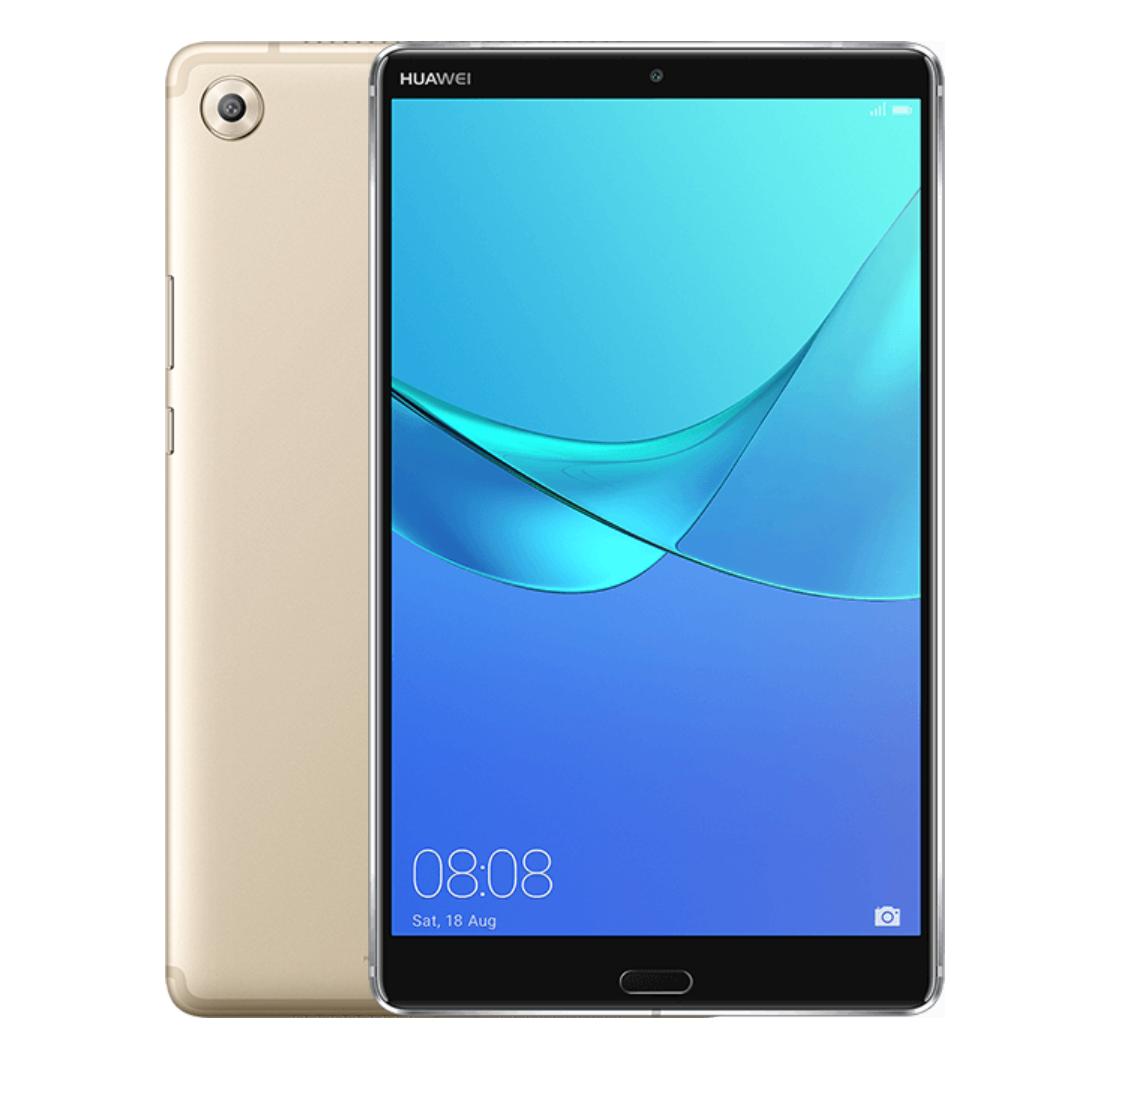 ファーウェイ、ハイエンドタブレットのMediaPad M5を発表